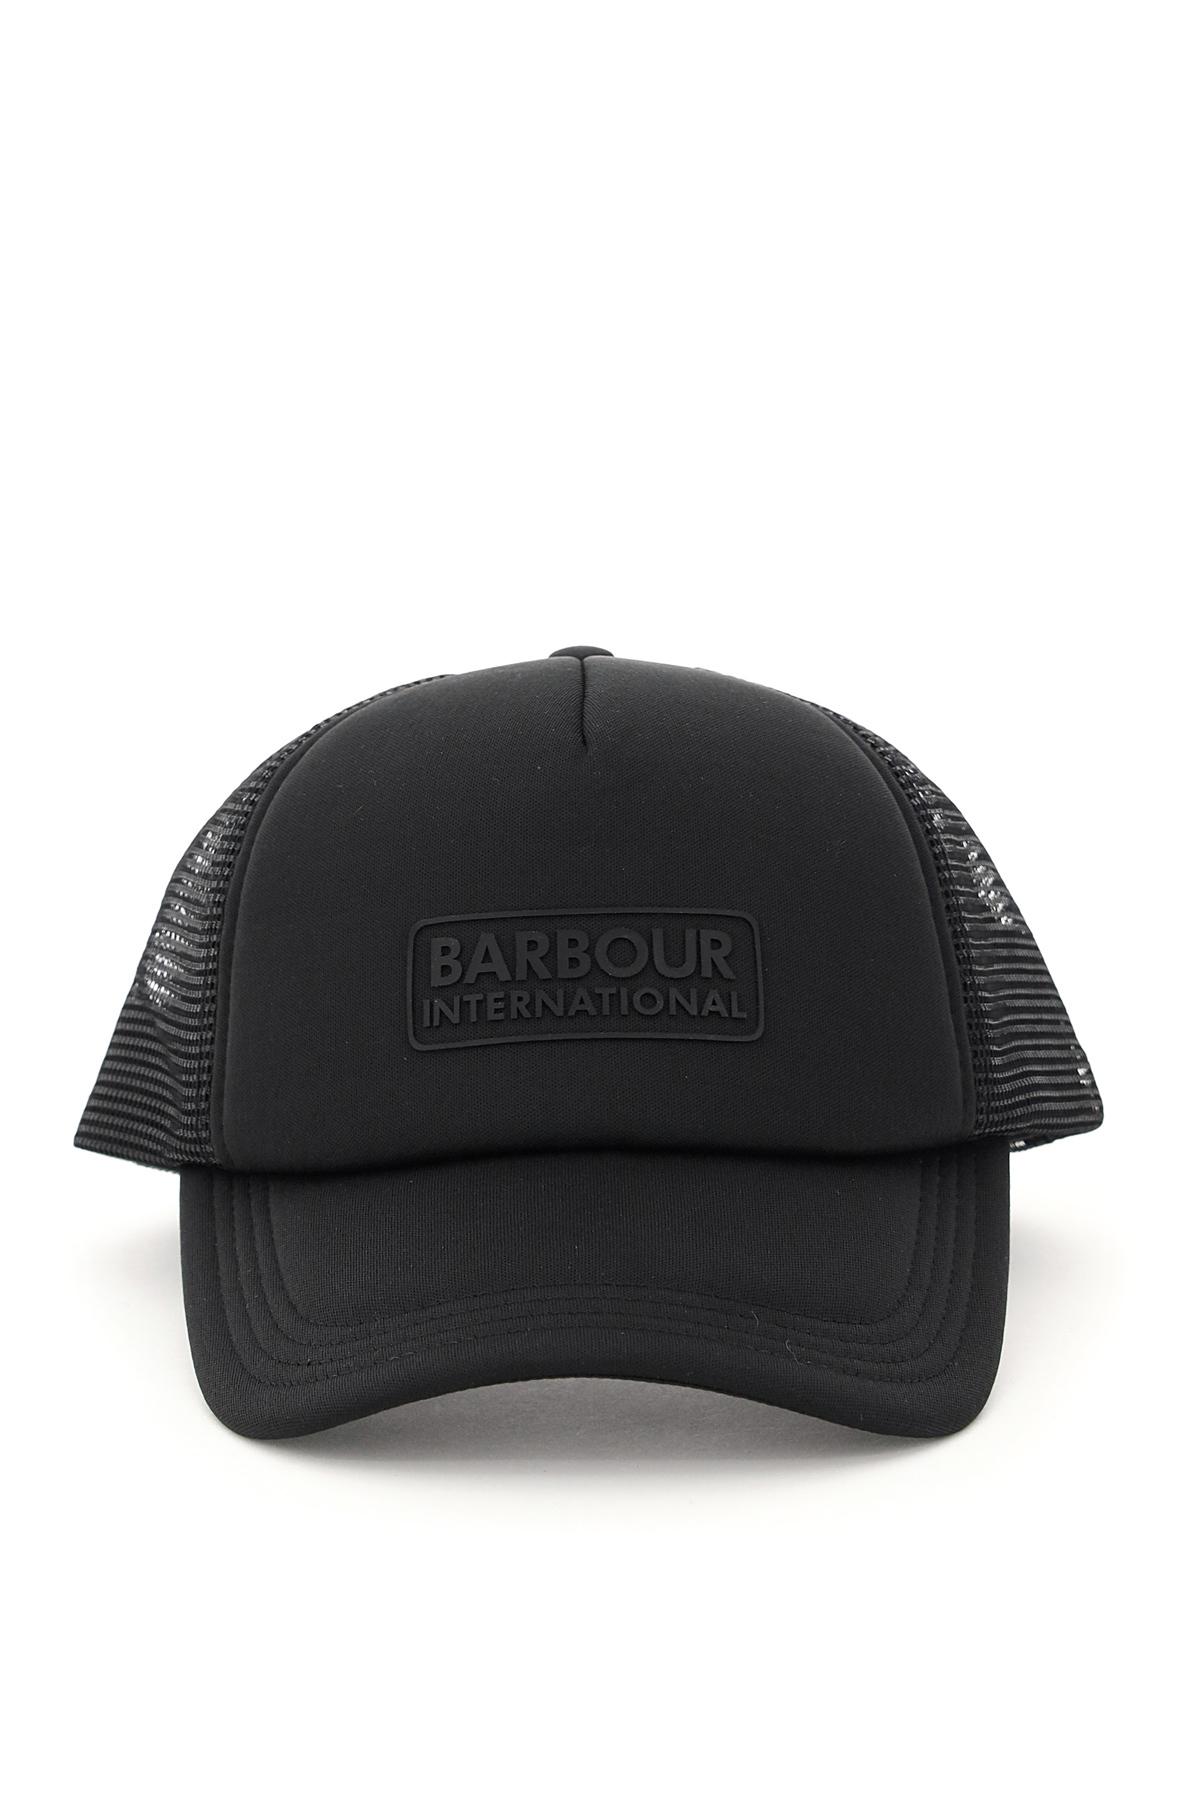 BARBOUR INTERNATIONAL HELI TRUCKER BARBOUR BASEBALL CAP OS Black Technical